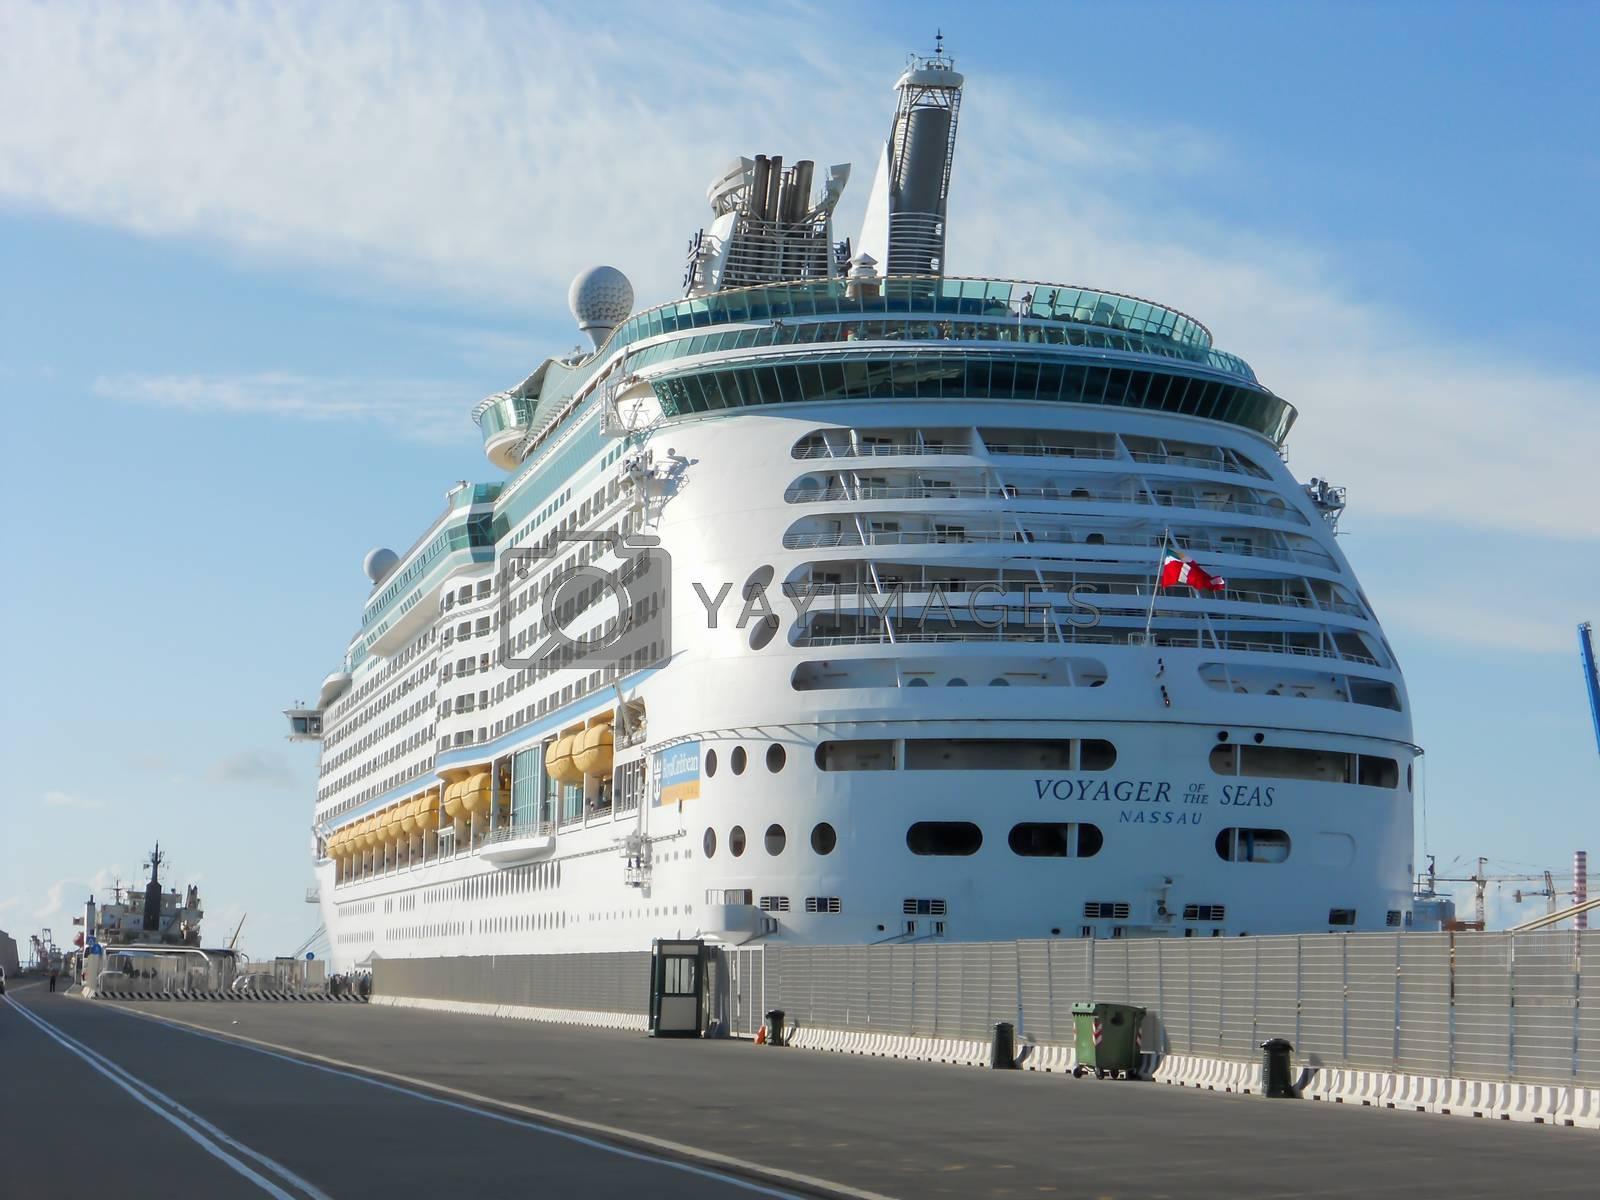 civitavecchia,italy august 18 2020: cruise ship coming from norveggia to the port of civitavecchia rome